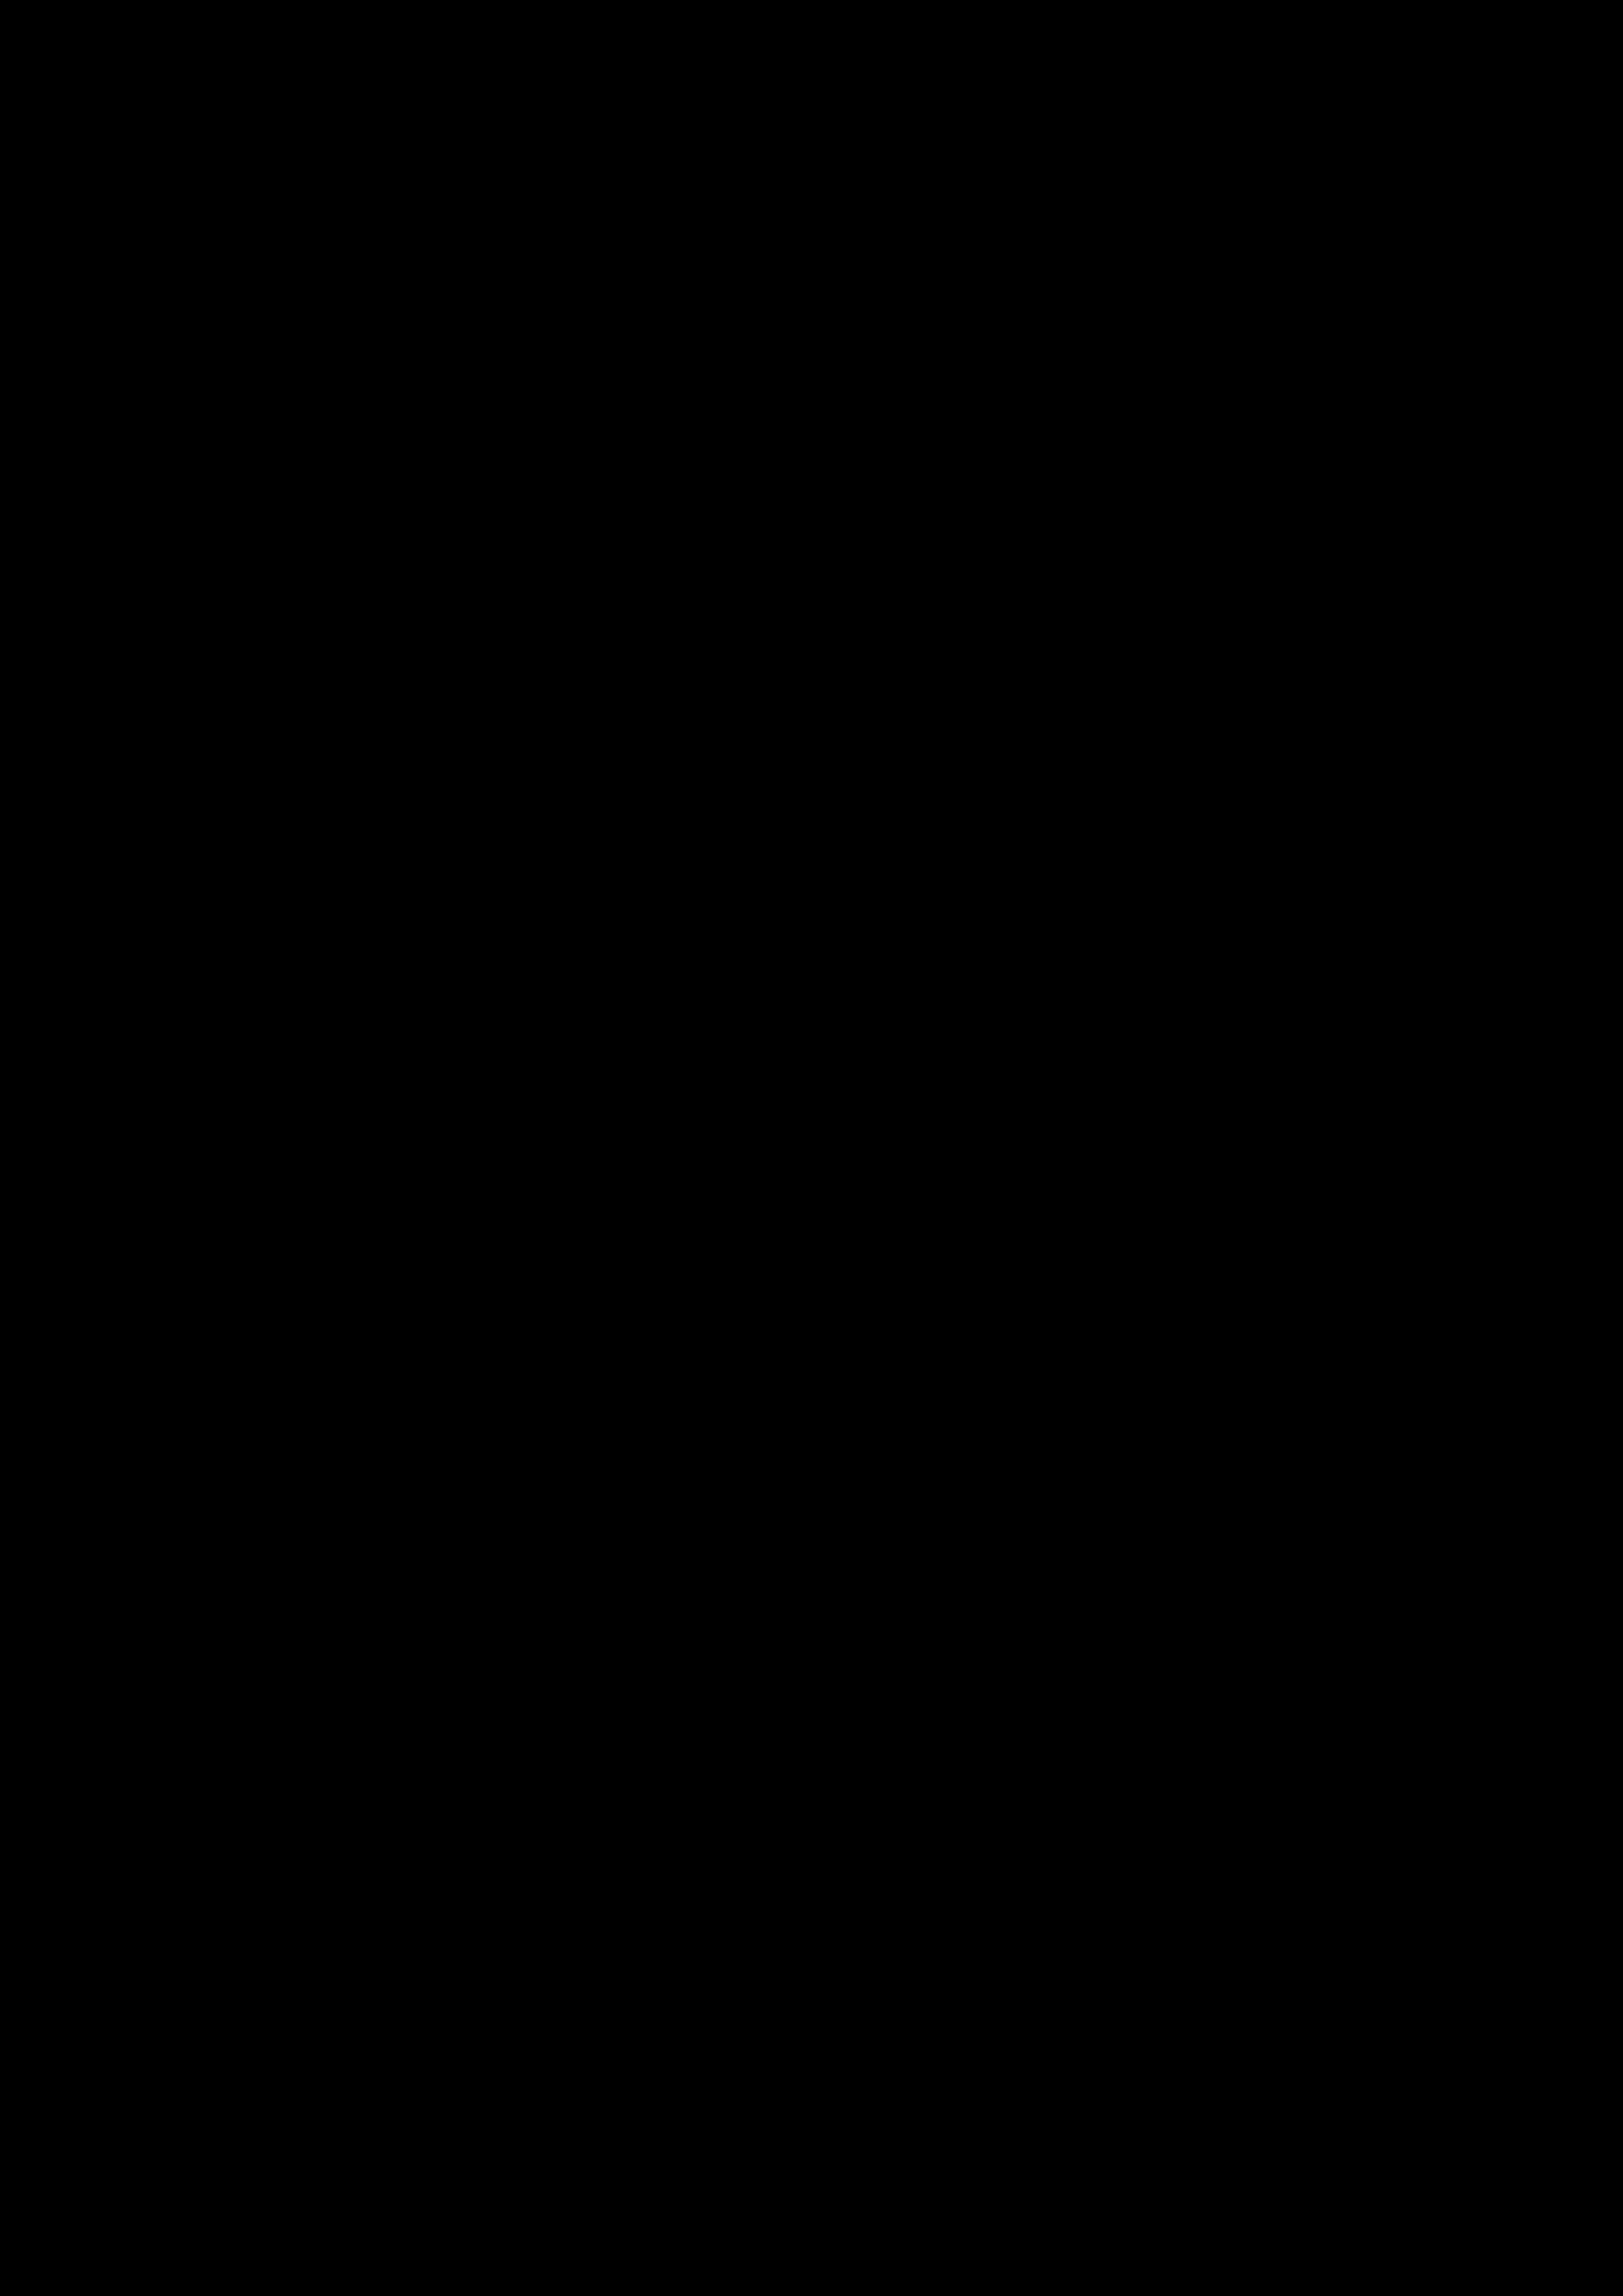 flamingo natt